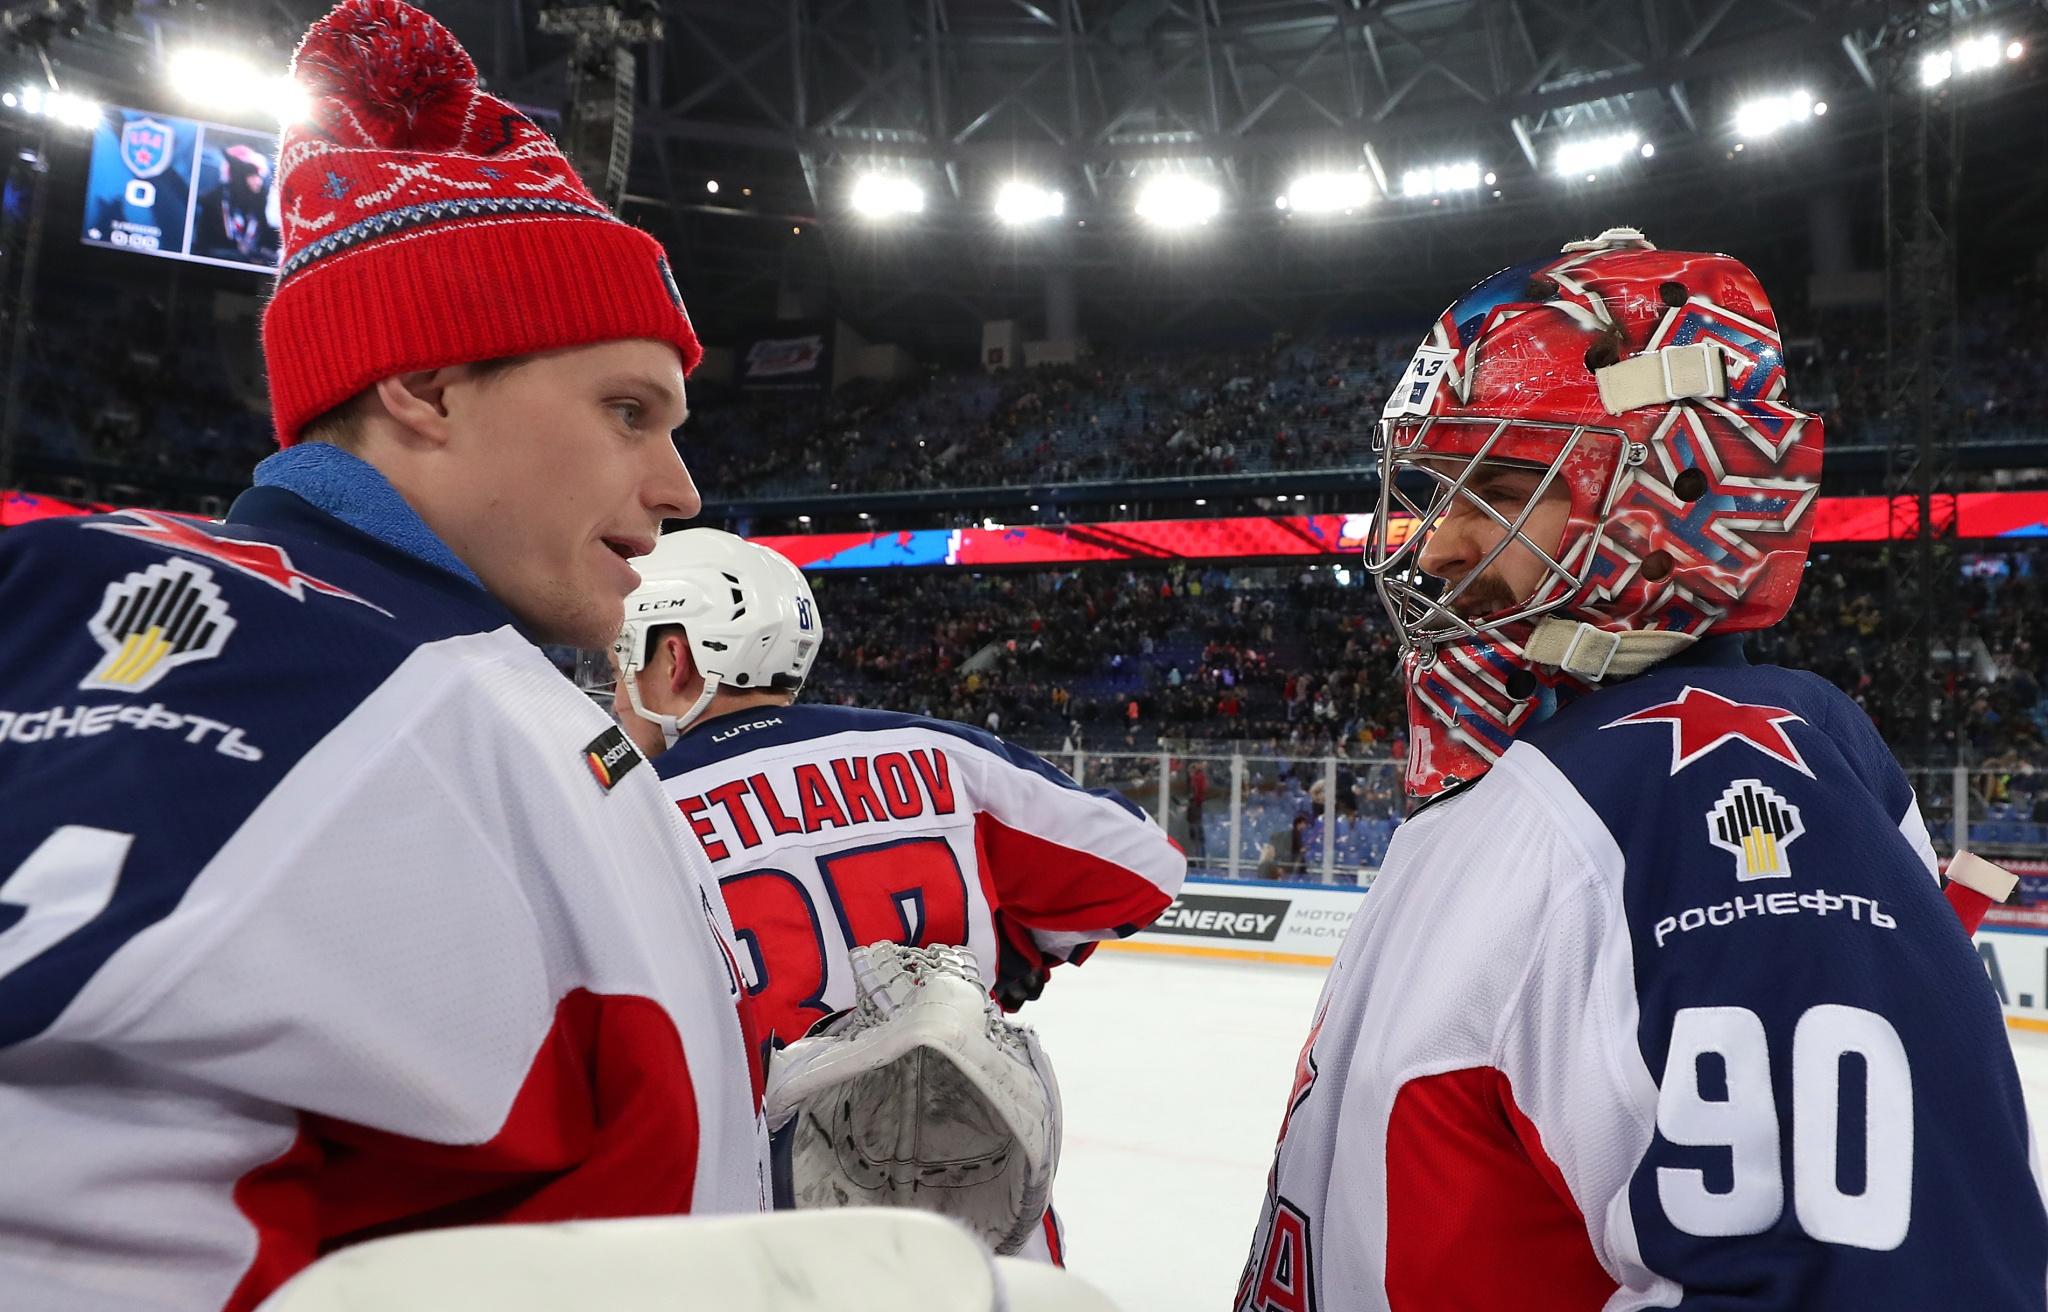 Ларс Юханссон и Илья Сорокин. Фото: Юрий Кузьмин